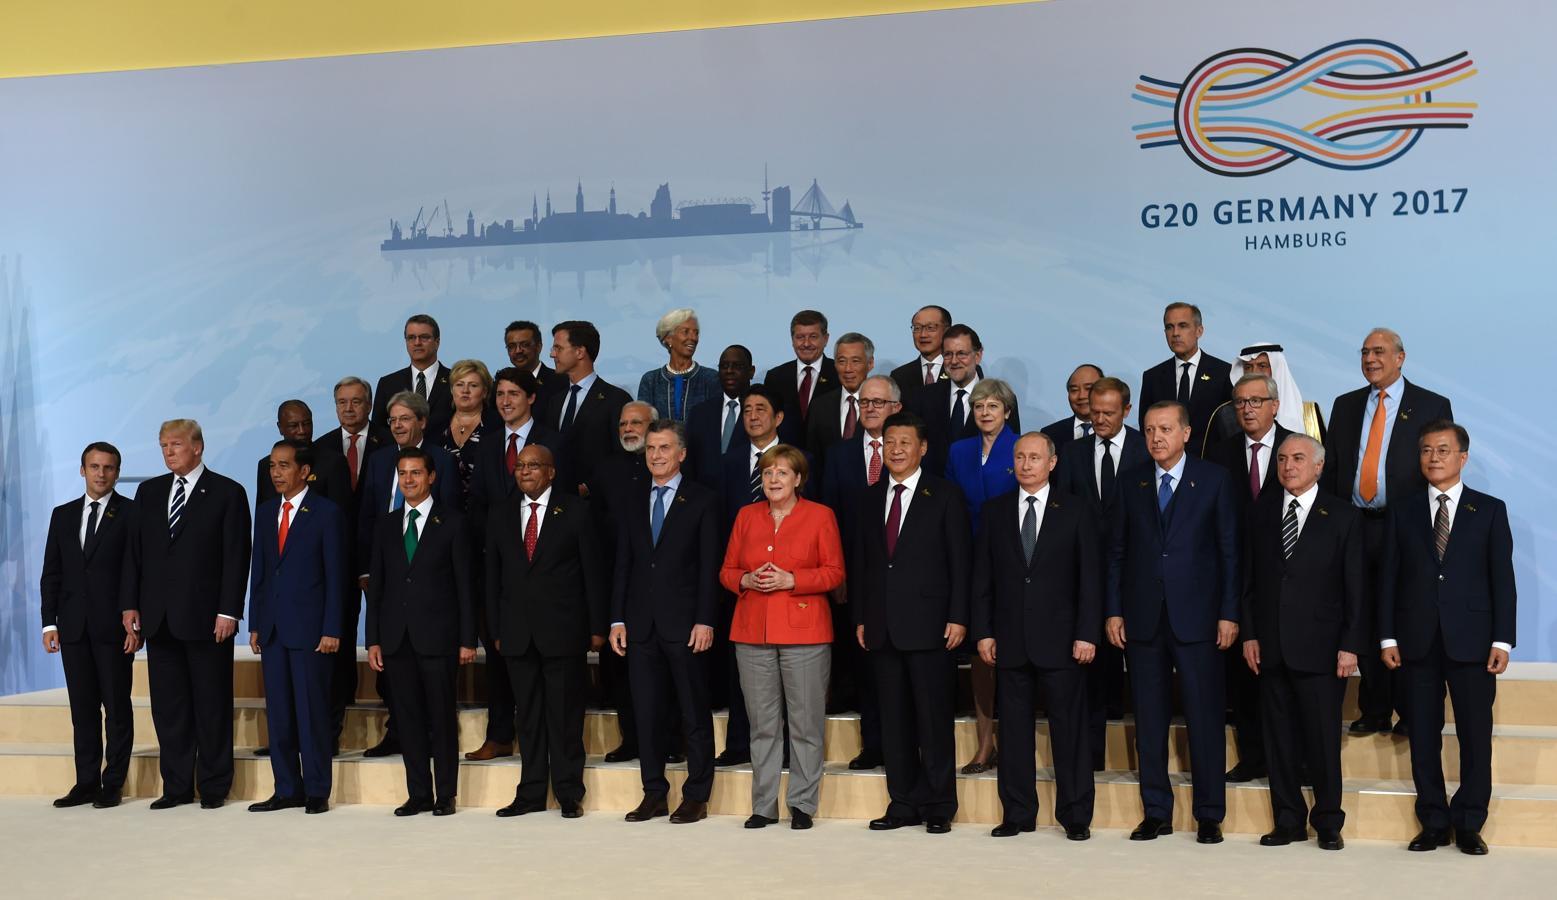 Fotografía grupal de la cumbre del G-20 en la que aparecen todos los líderes internacionales